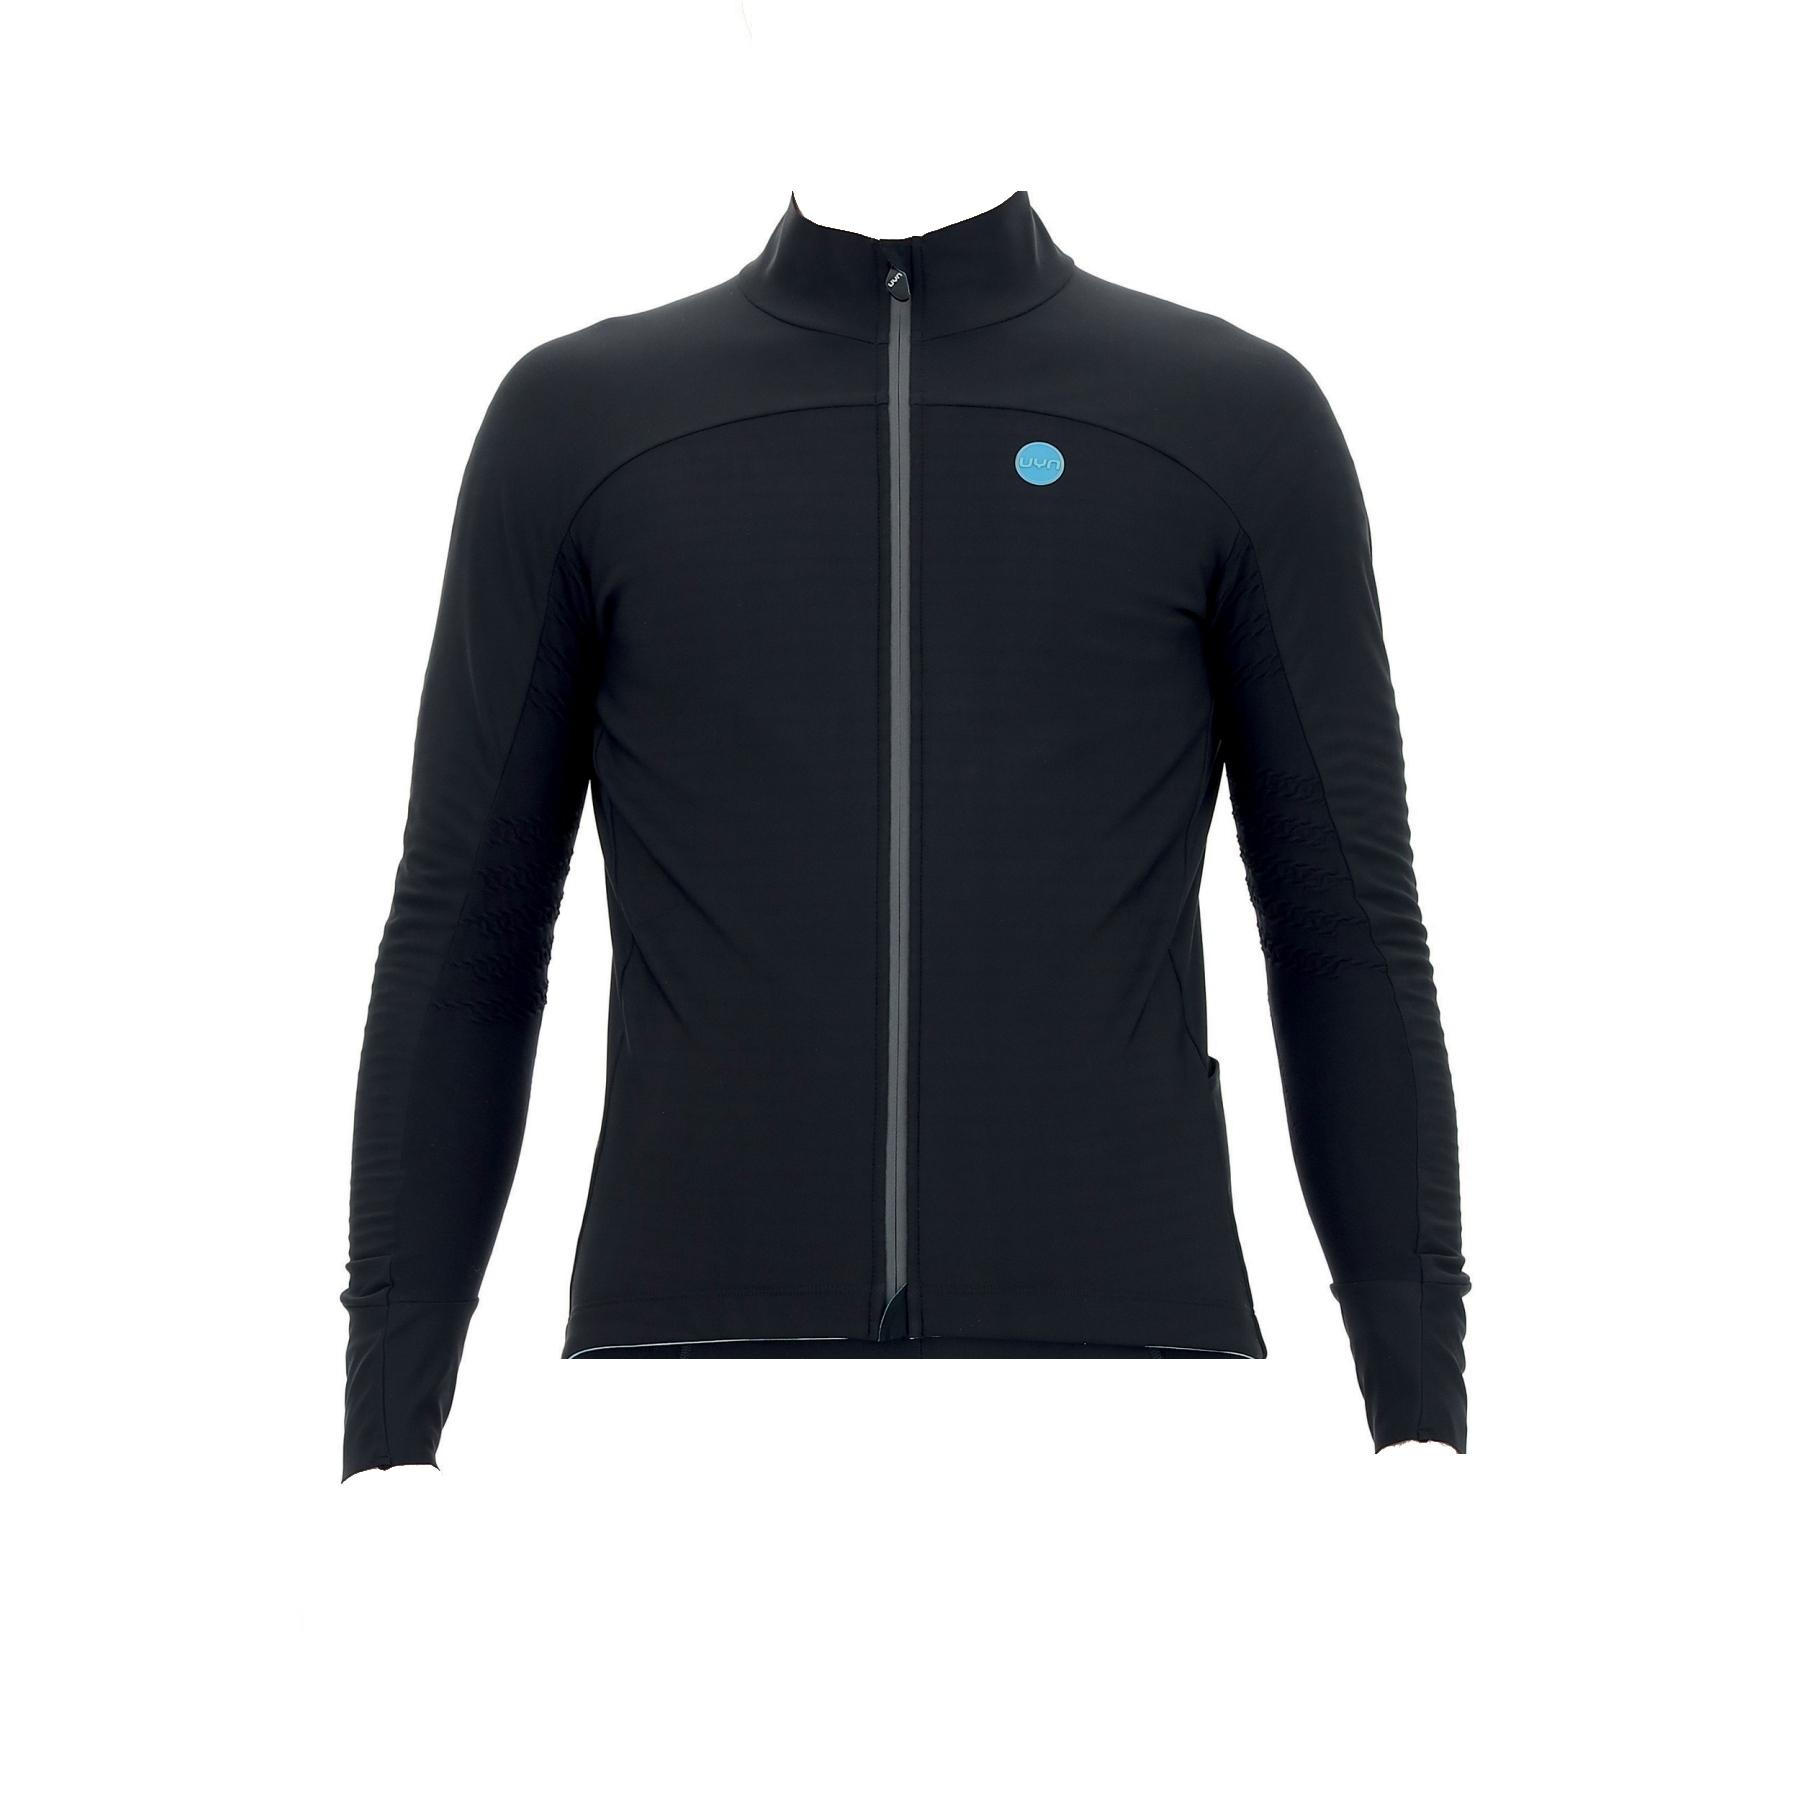 UYN Biking Coreshell Aerofit Jacket - Black/Black/Turquoise